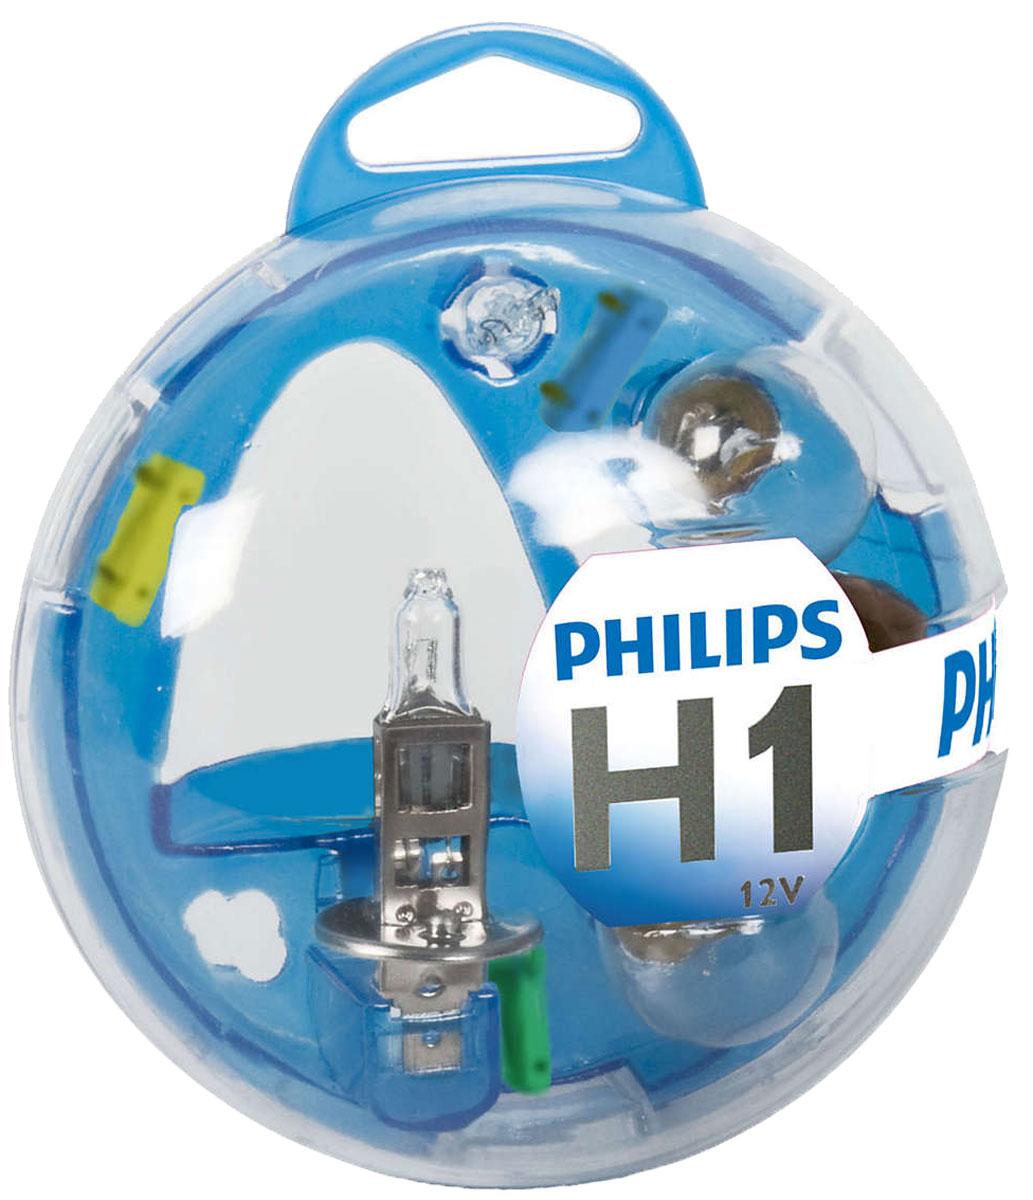 Комплект ламп Philips H1 Vision: H1, P21W, P21/5W, PY21W, W5W, Fuse10A, Fuse 15A, Fuse 20A. 55717EBKMS03301004В комплект Essential Box входят лампы H1 для автомобильных фар, обеспечивающие на 30 % больше света. Наши лампы излучают мощный точно направленный луч света и характеризуются высокой светоотдачей, увеличивая видимость Вашего автомобиля на дороге.